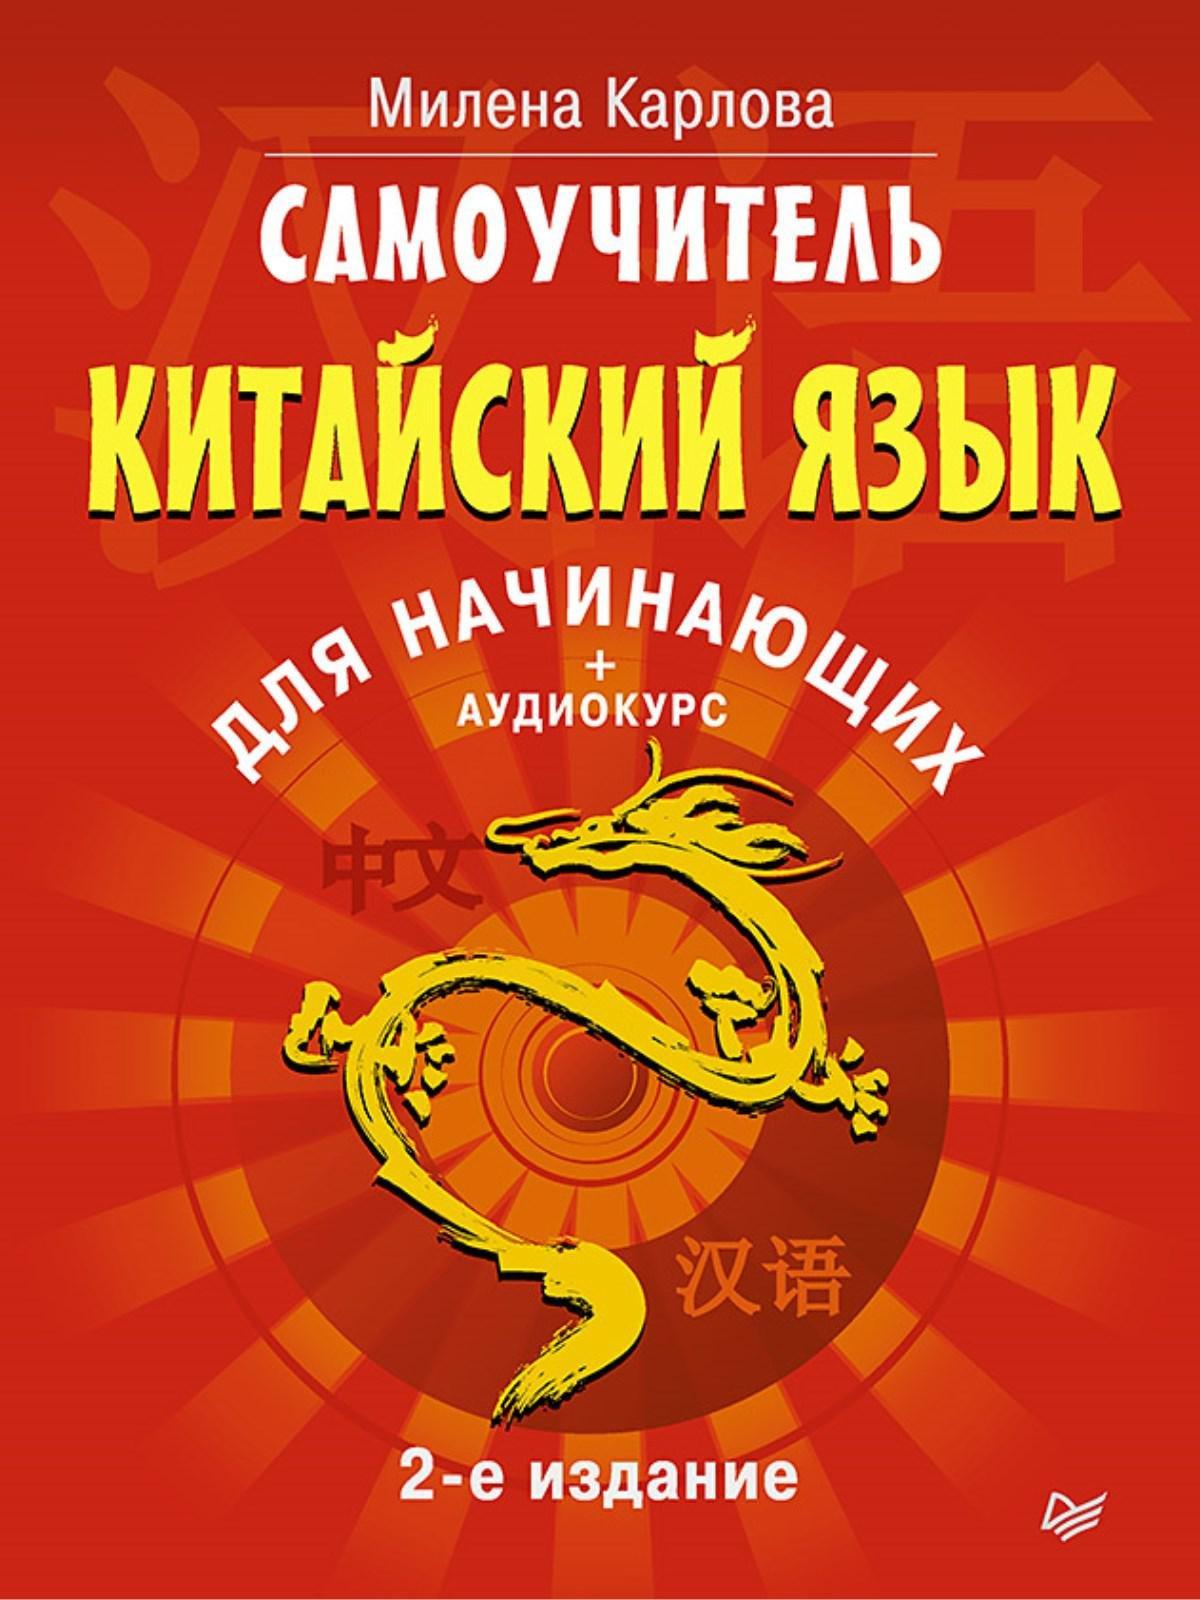 Карлова М Э Самоучитель. Китайский язык для начинающих. 2-е издание + Аудиокурс голдрат э м цель процесс непрерывного улучшения 2 е издание исправленное